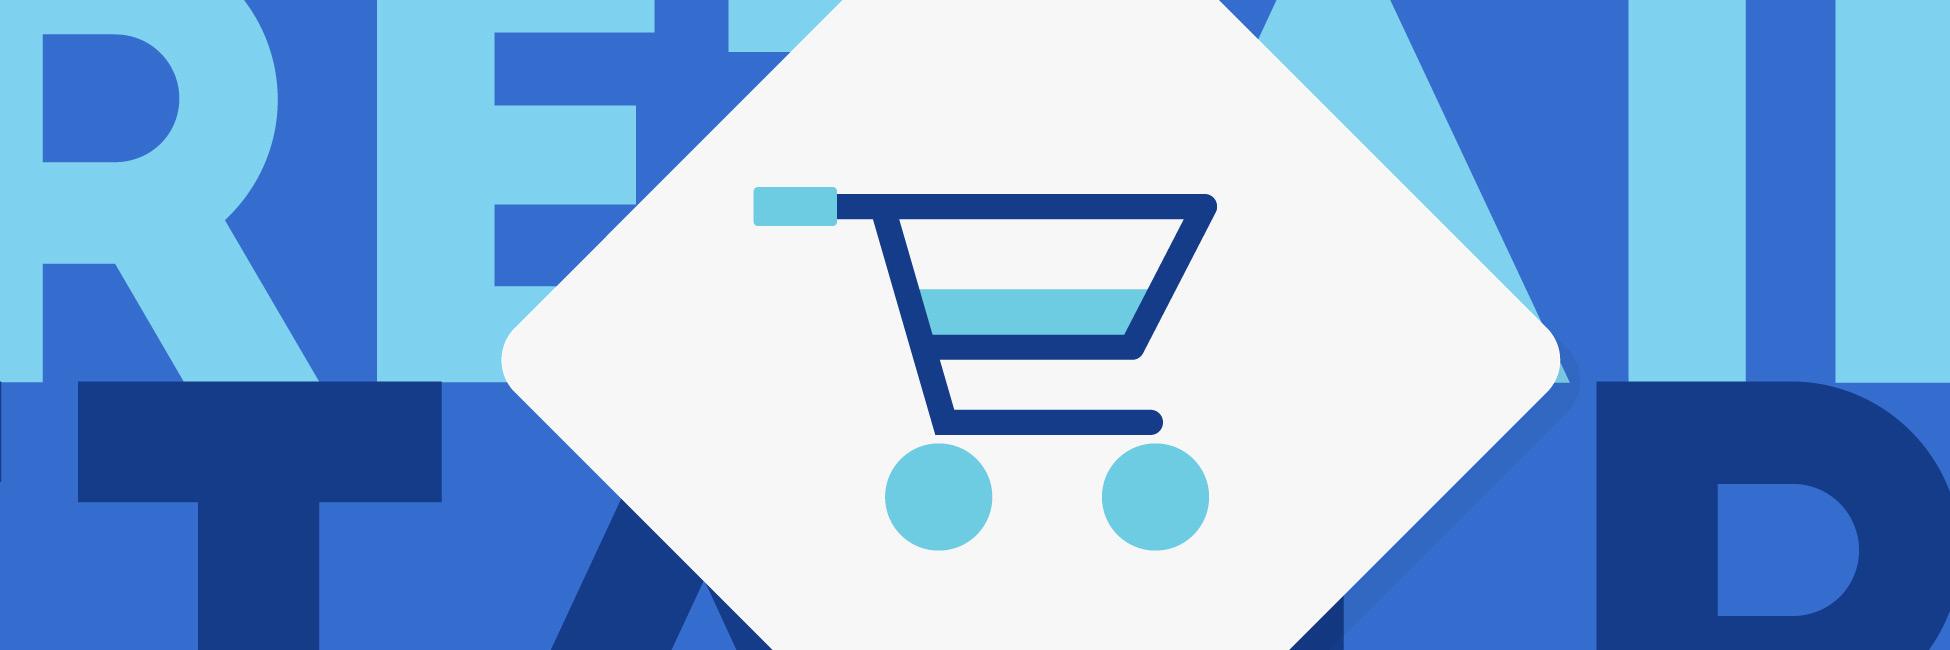 soluciones inteligencia artificial articulo retail